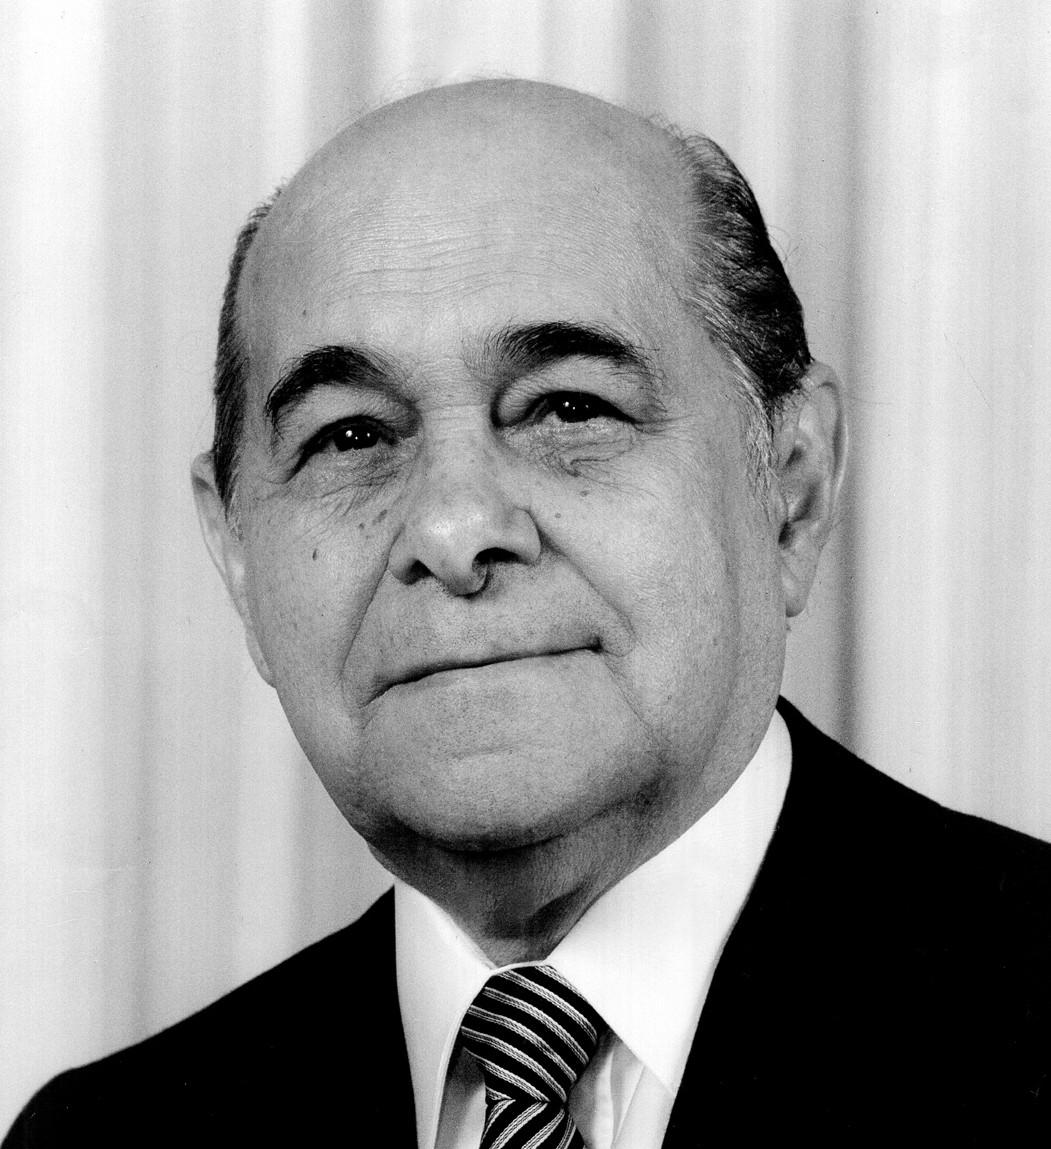 Tancredo Neves marcou a história política do Brasil como presidente da República. A sua doença e falecimento causaram comoção nacional em 1985